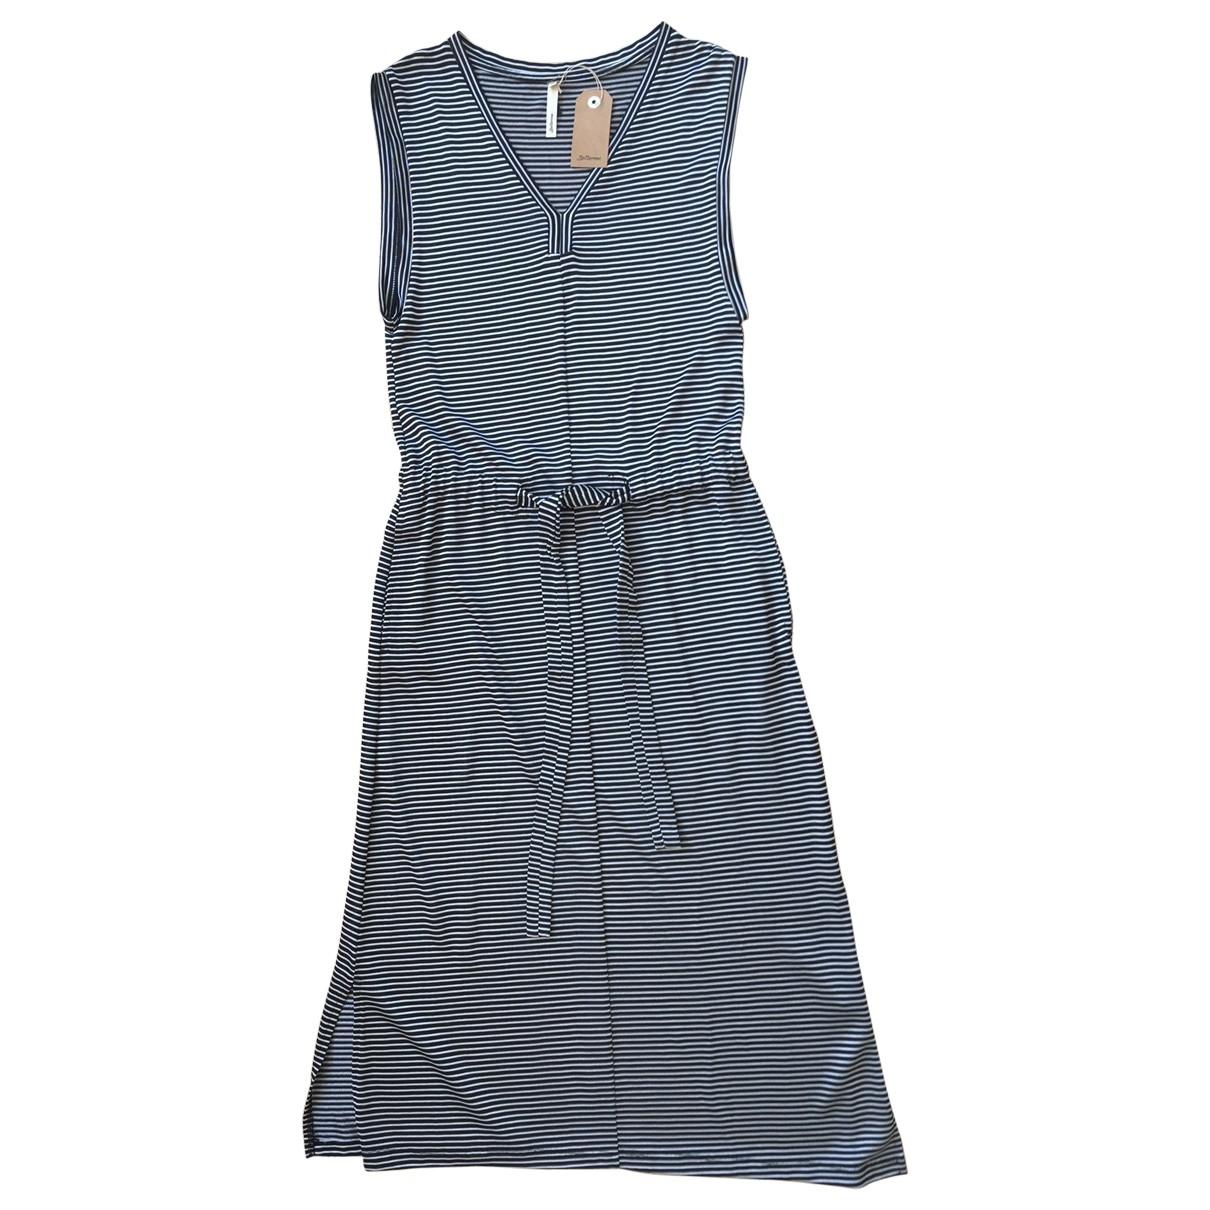 Bellerose \N Kleid in  Schwarz Viskose